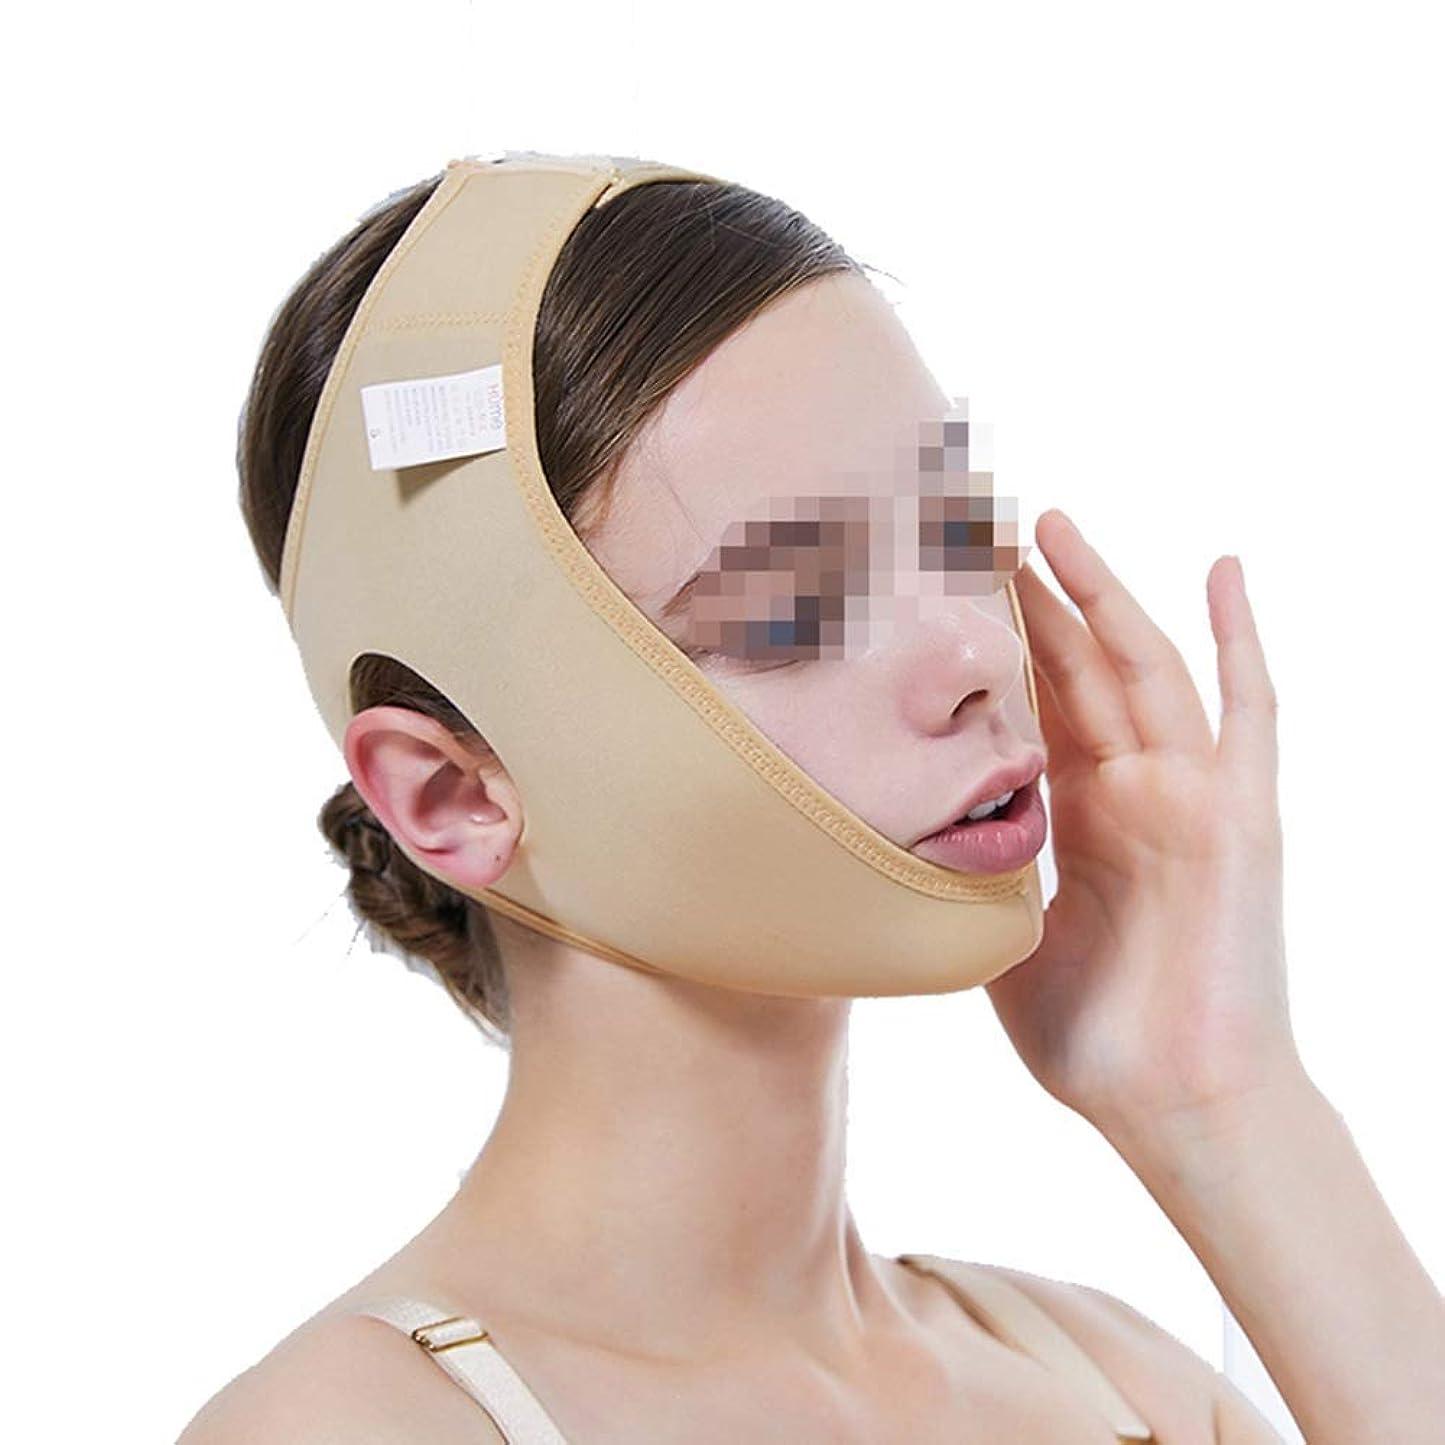 辛な普遍的なセットする術後ヘッドギア、薄型ダブルあごVフェイスビームフェイスジョーセットフェイスマスクマルチサイズオプション(サイズ:XS),M